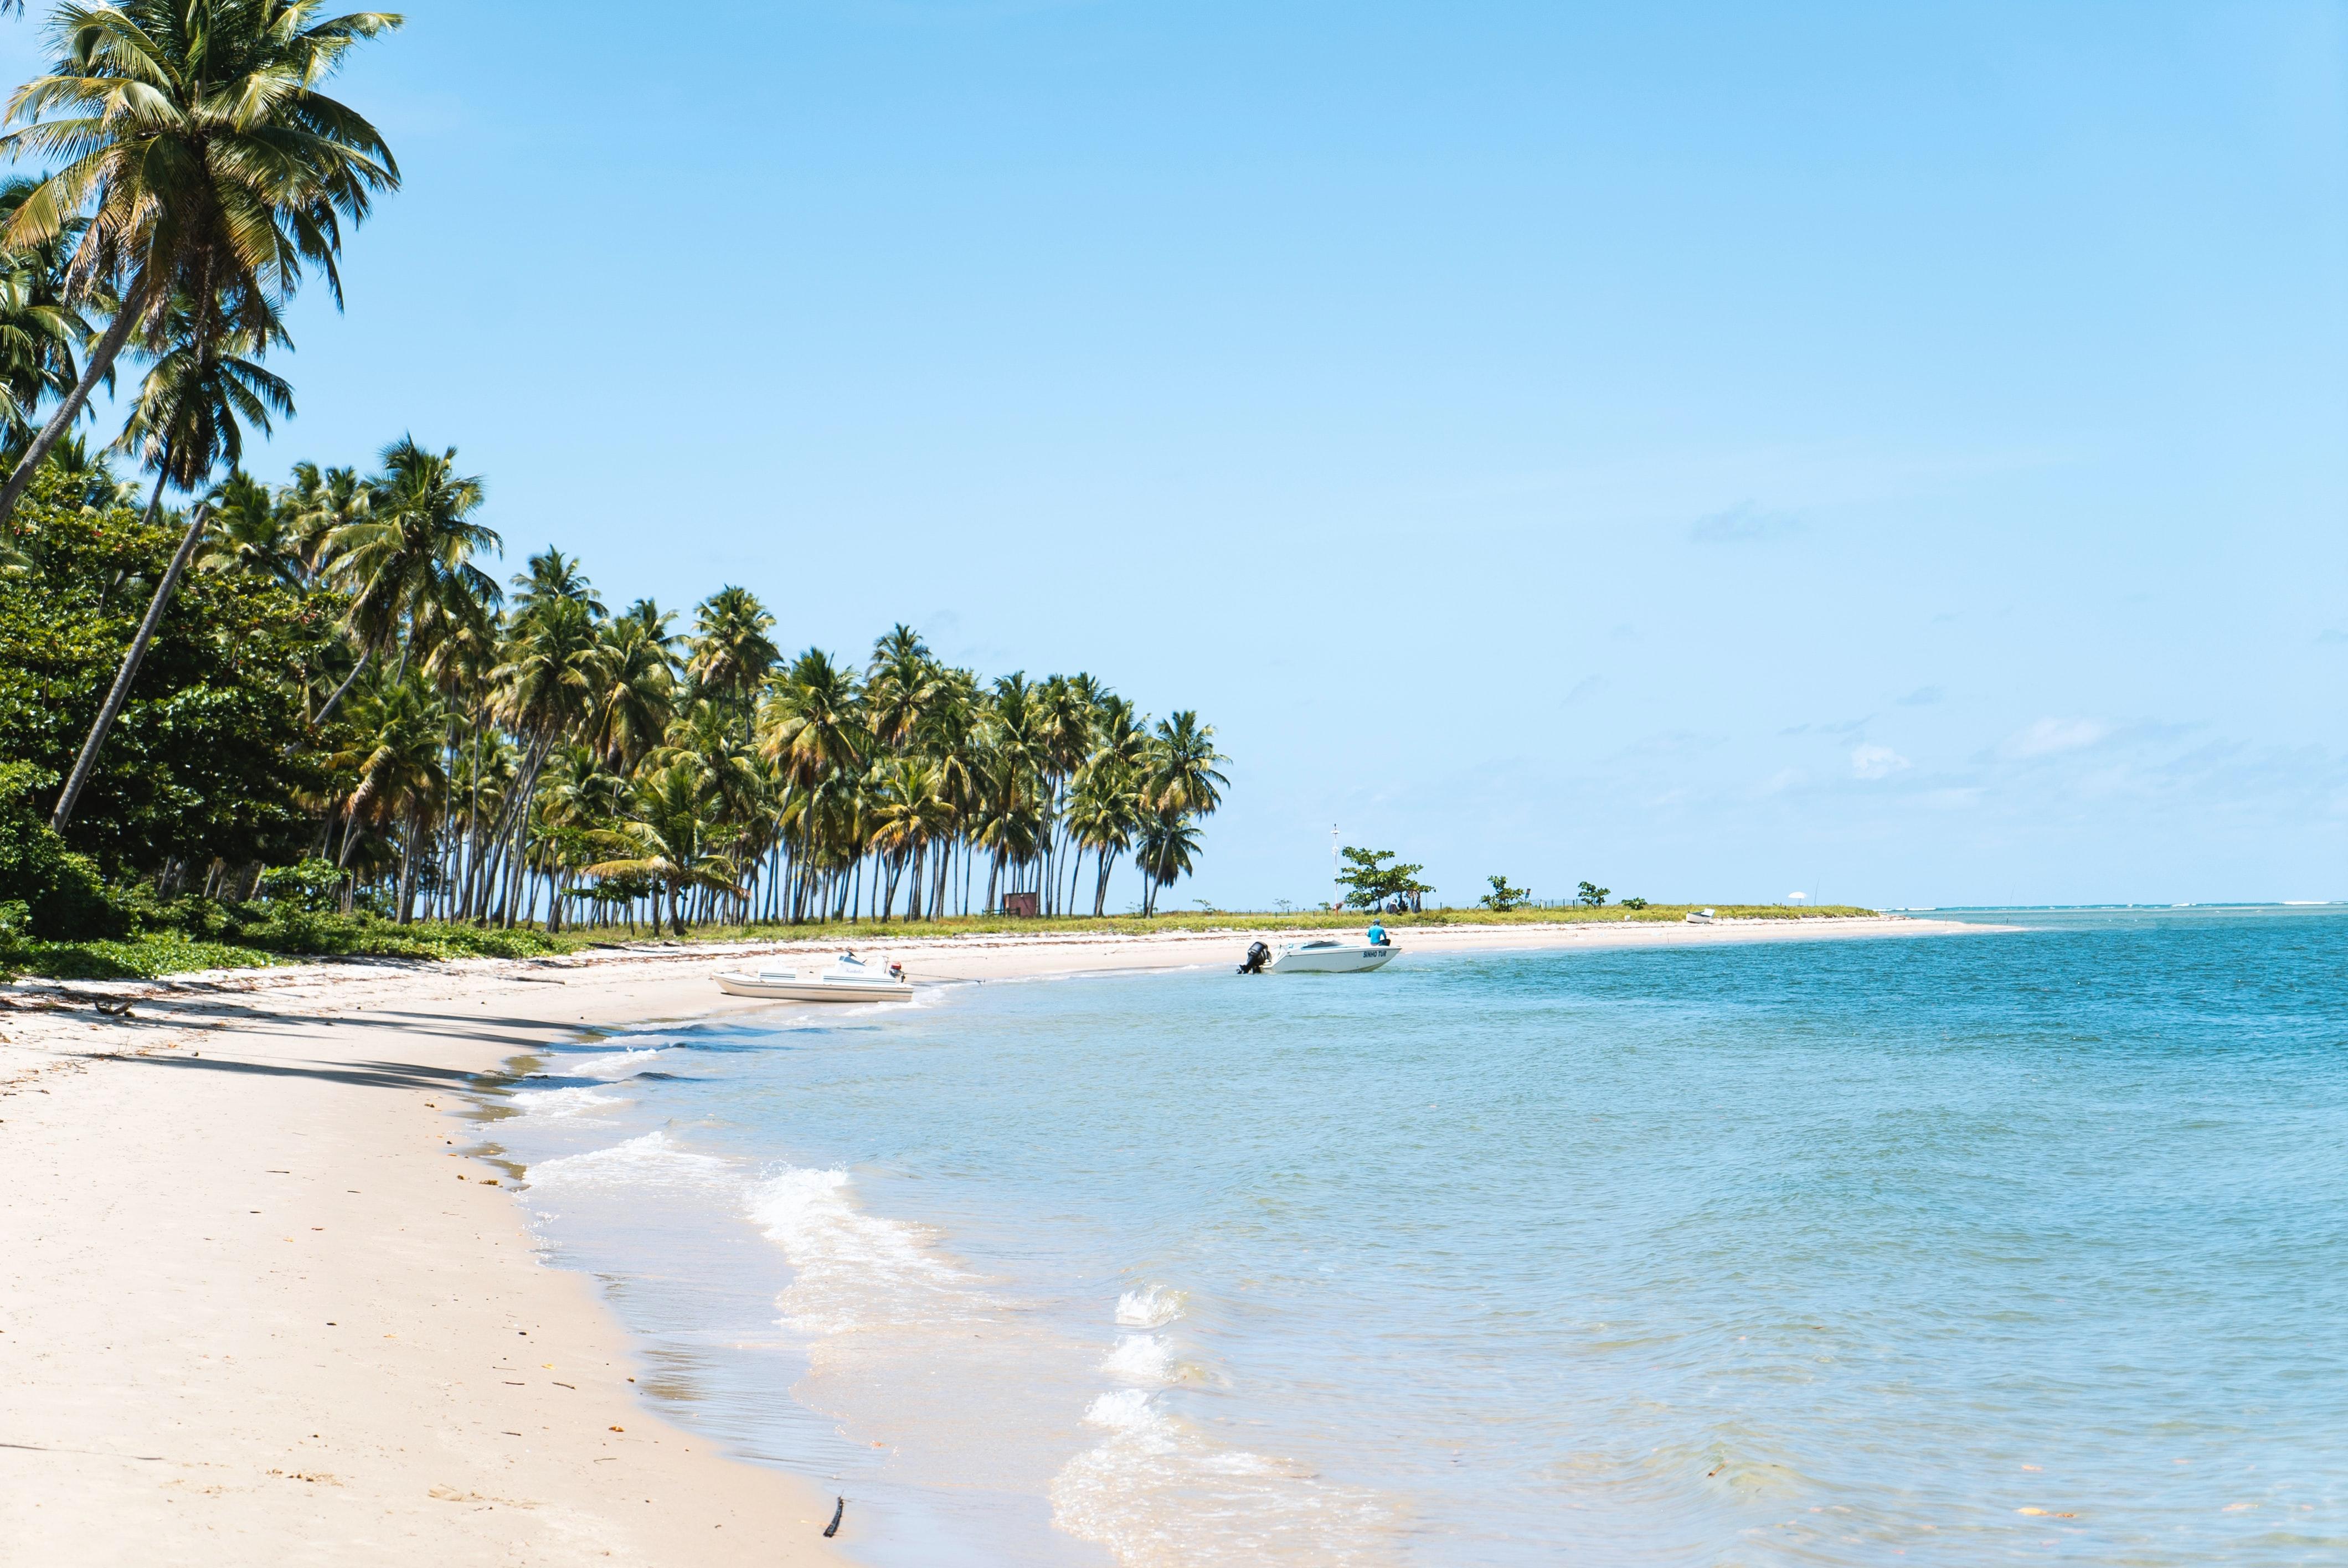 beautiful calm beach